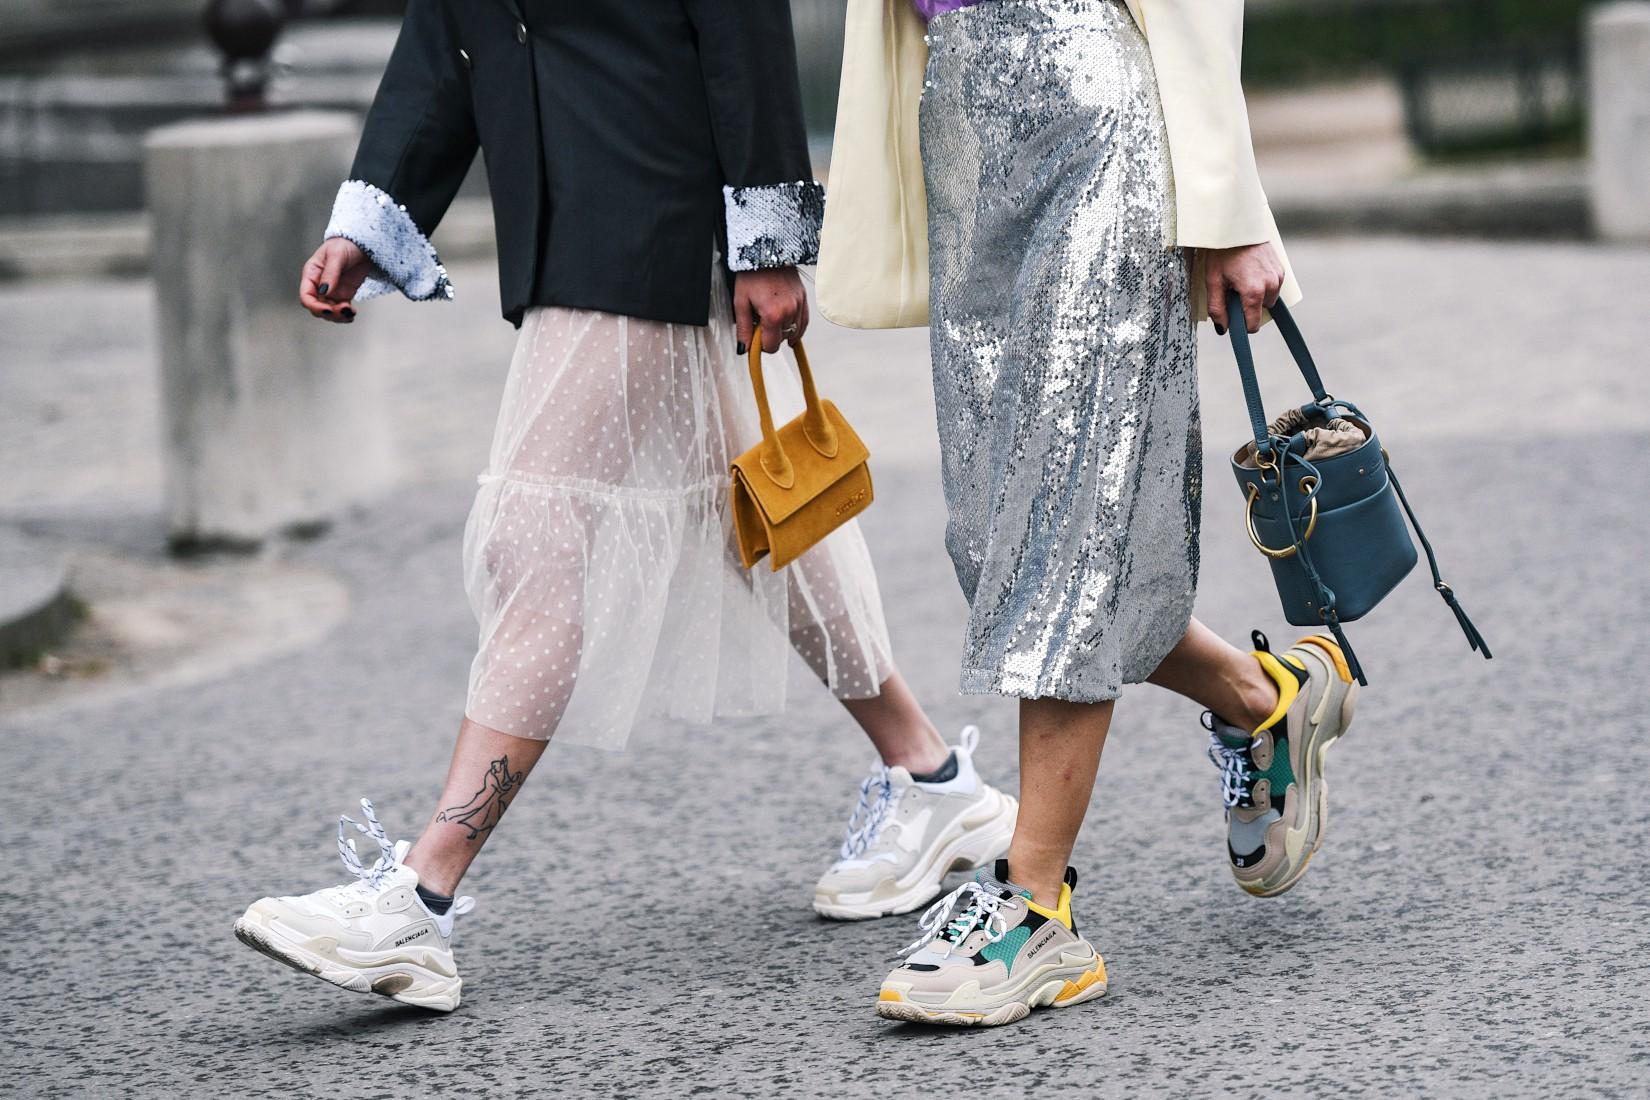 Comment porter le blazer avec une jupe/robe transparente